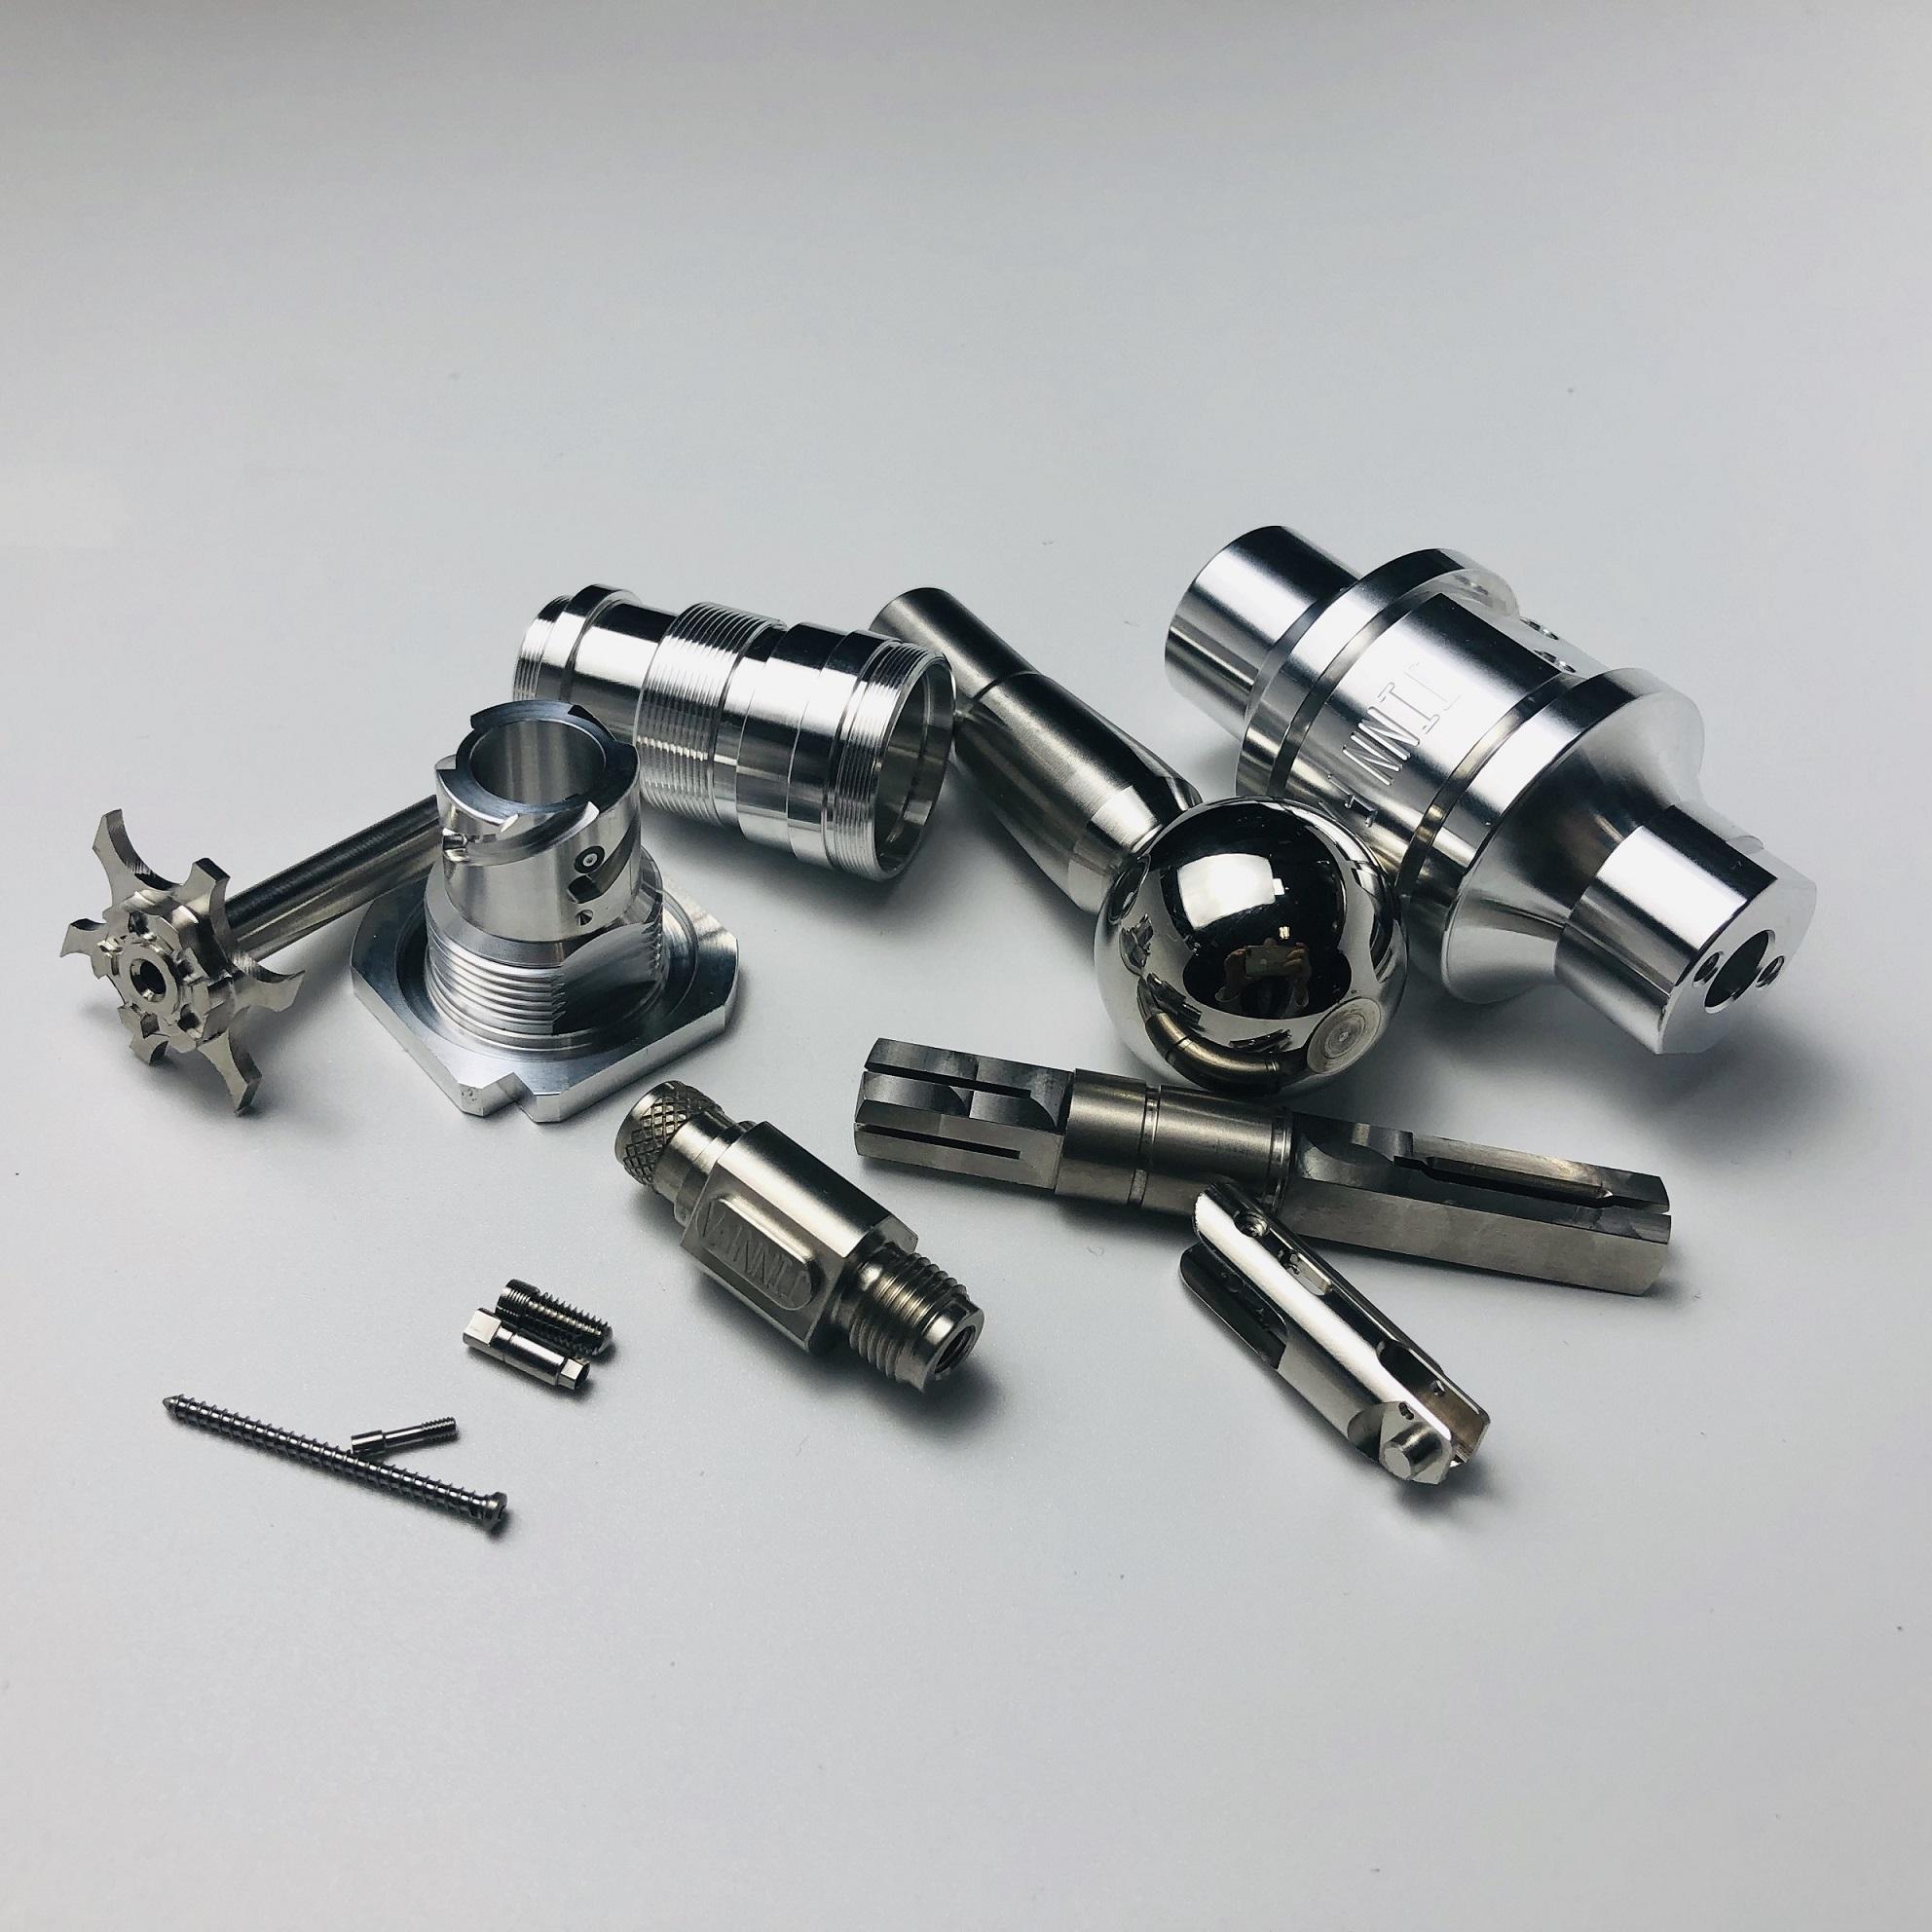 不鏽鋼零件汽車配件軸承密封套圈精密加工 3